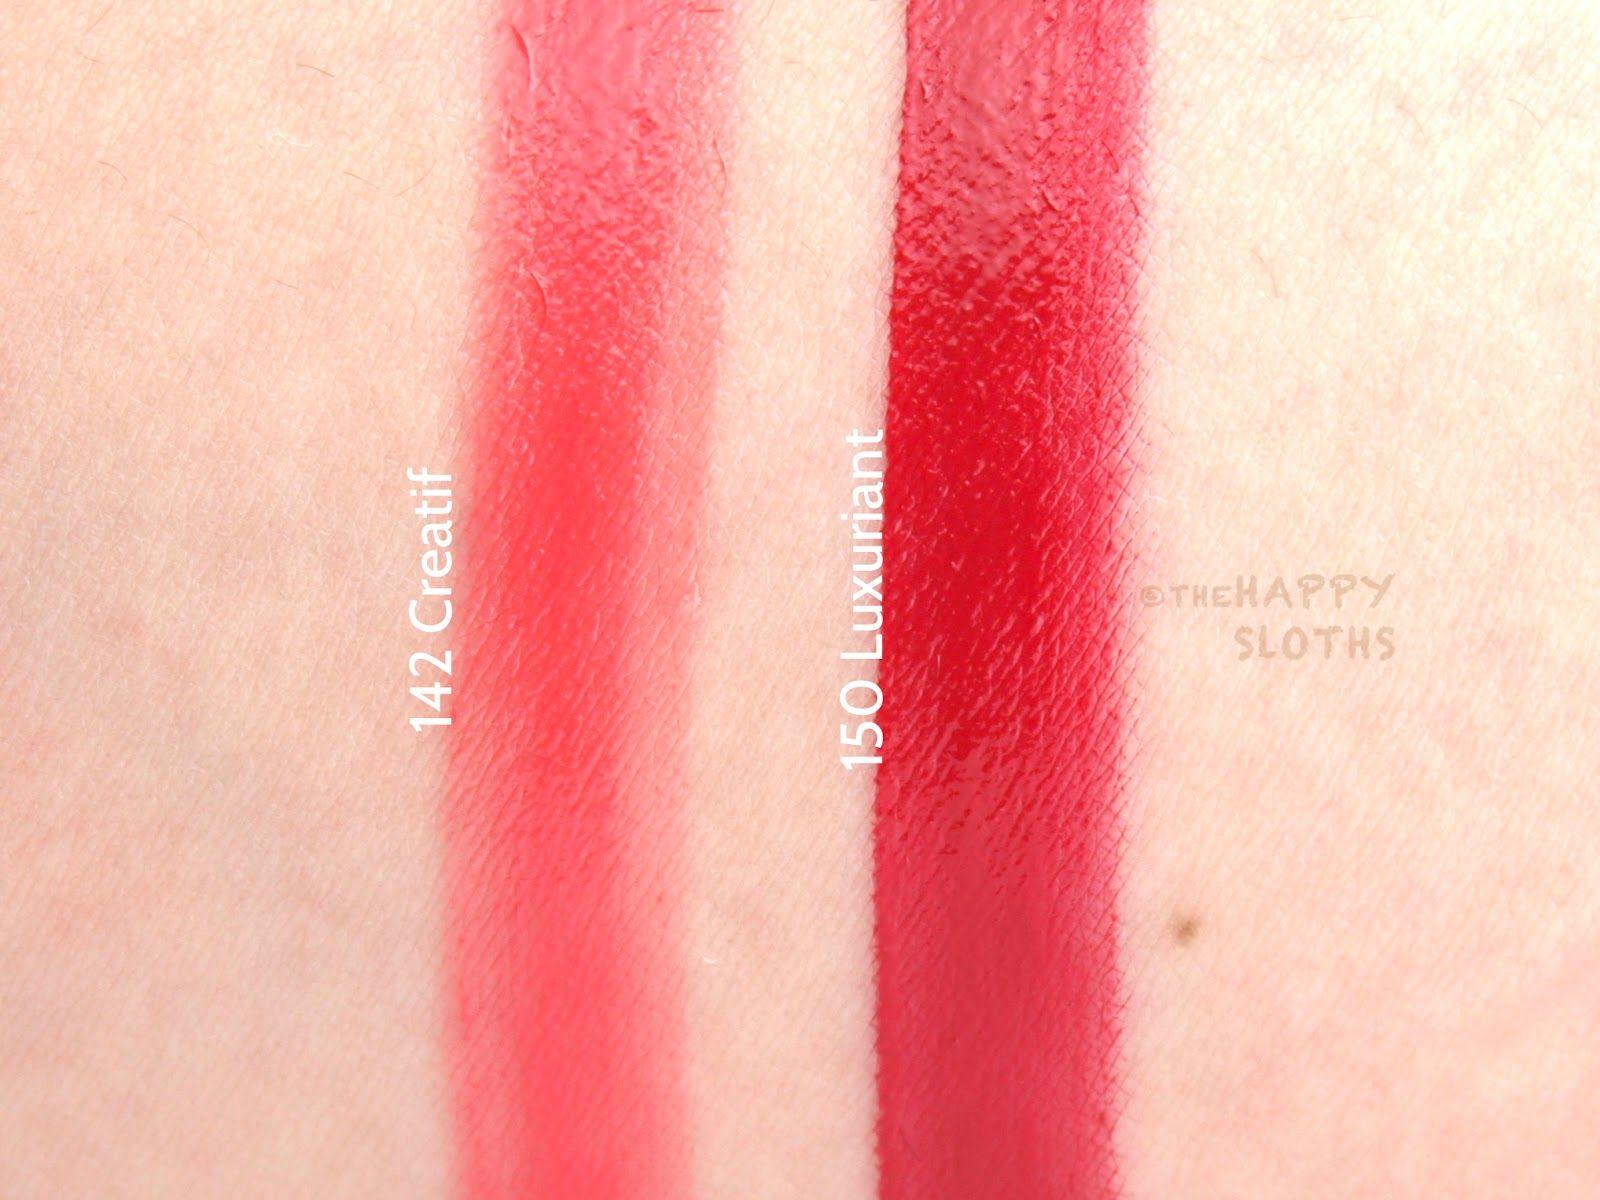 Rouge Allure Ink Matte Liquid Lip Colour by Chanel #19